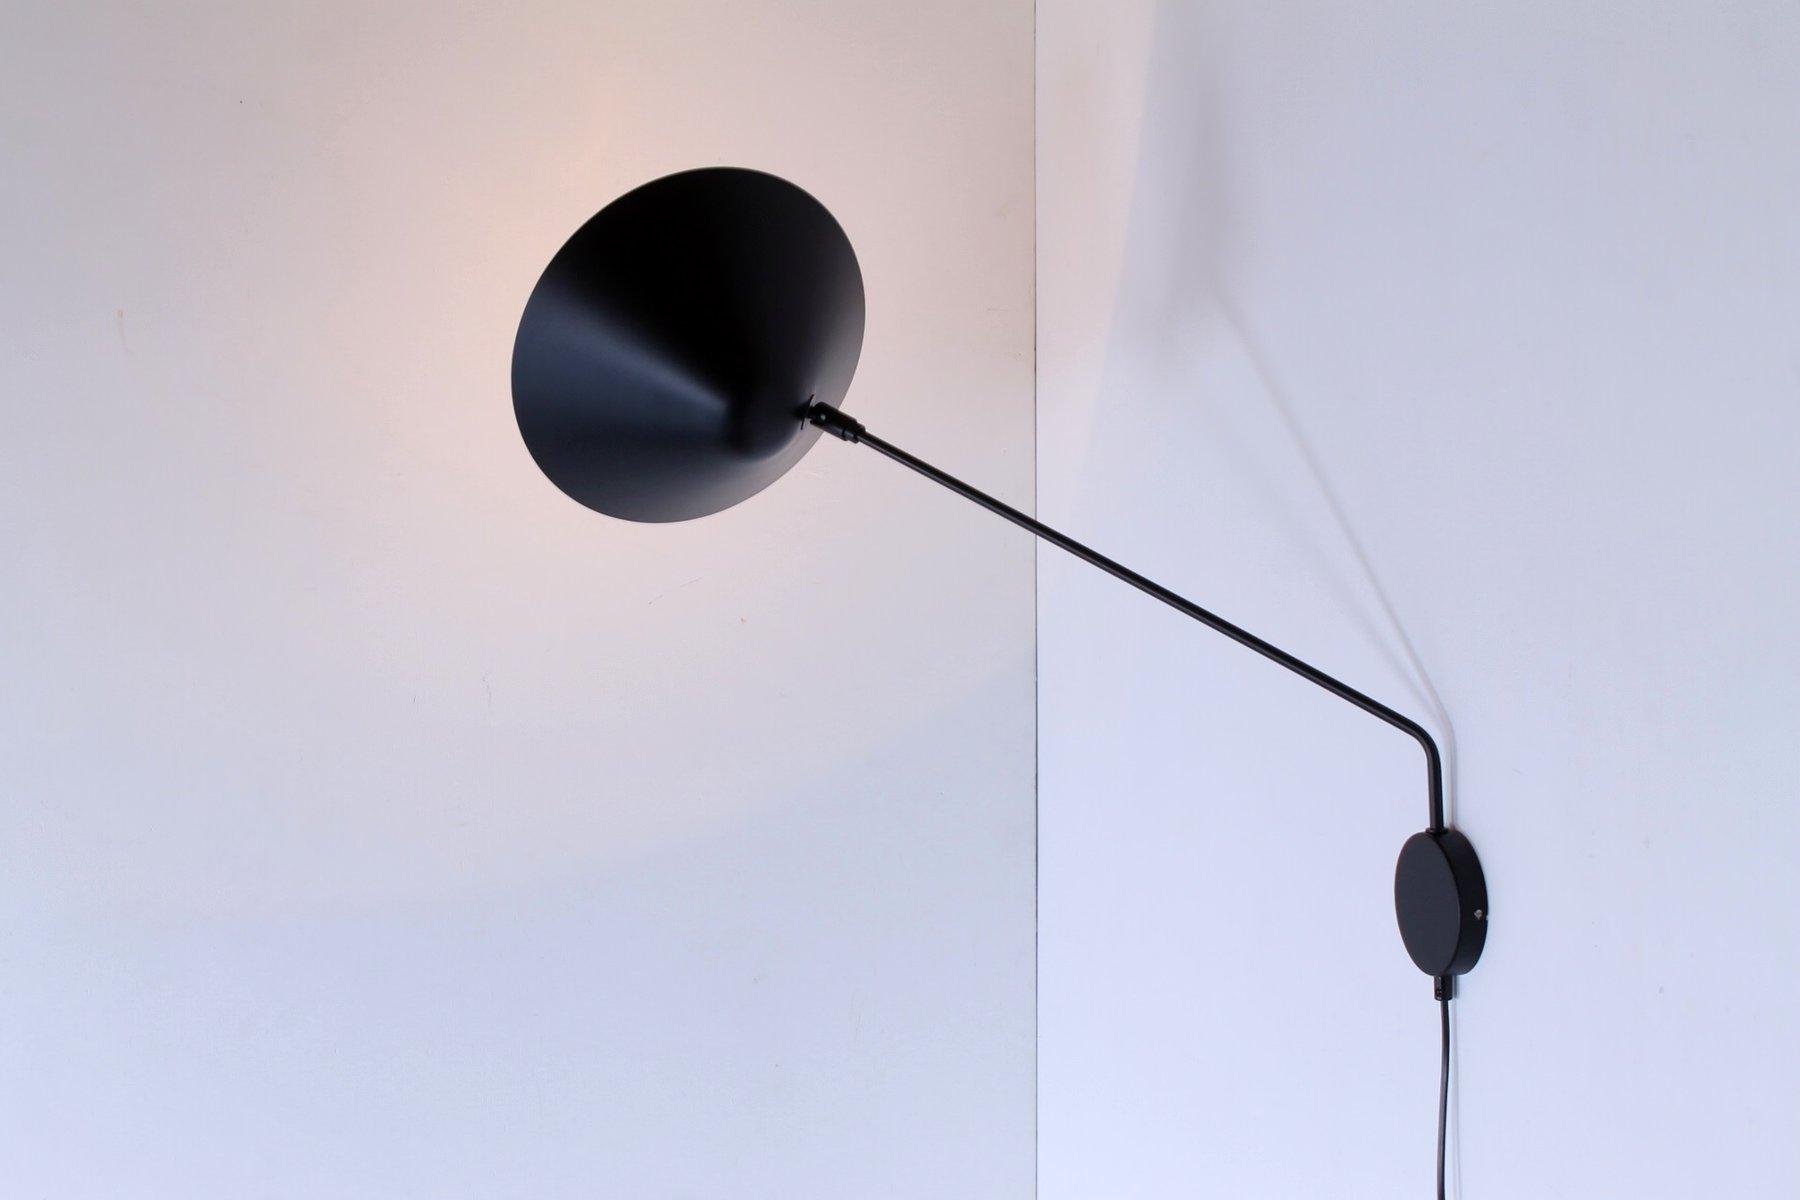 Schwarze Vintage Wandlampen mit Schwenkarmen von H. Th. J. A. Busquet ...